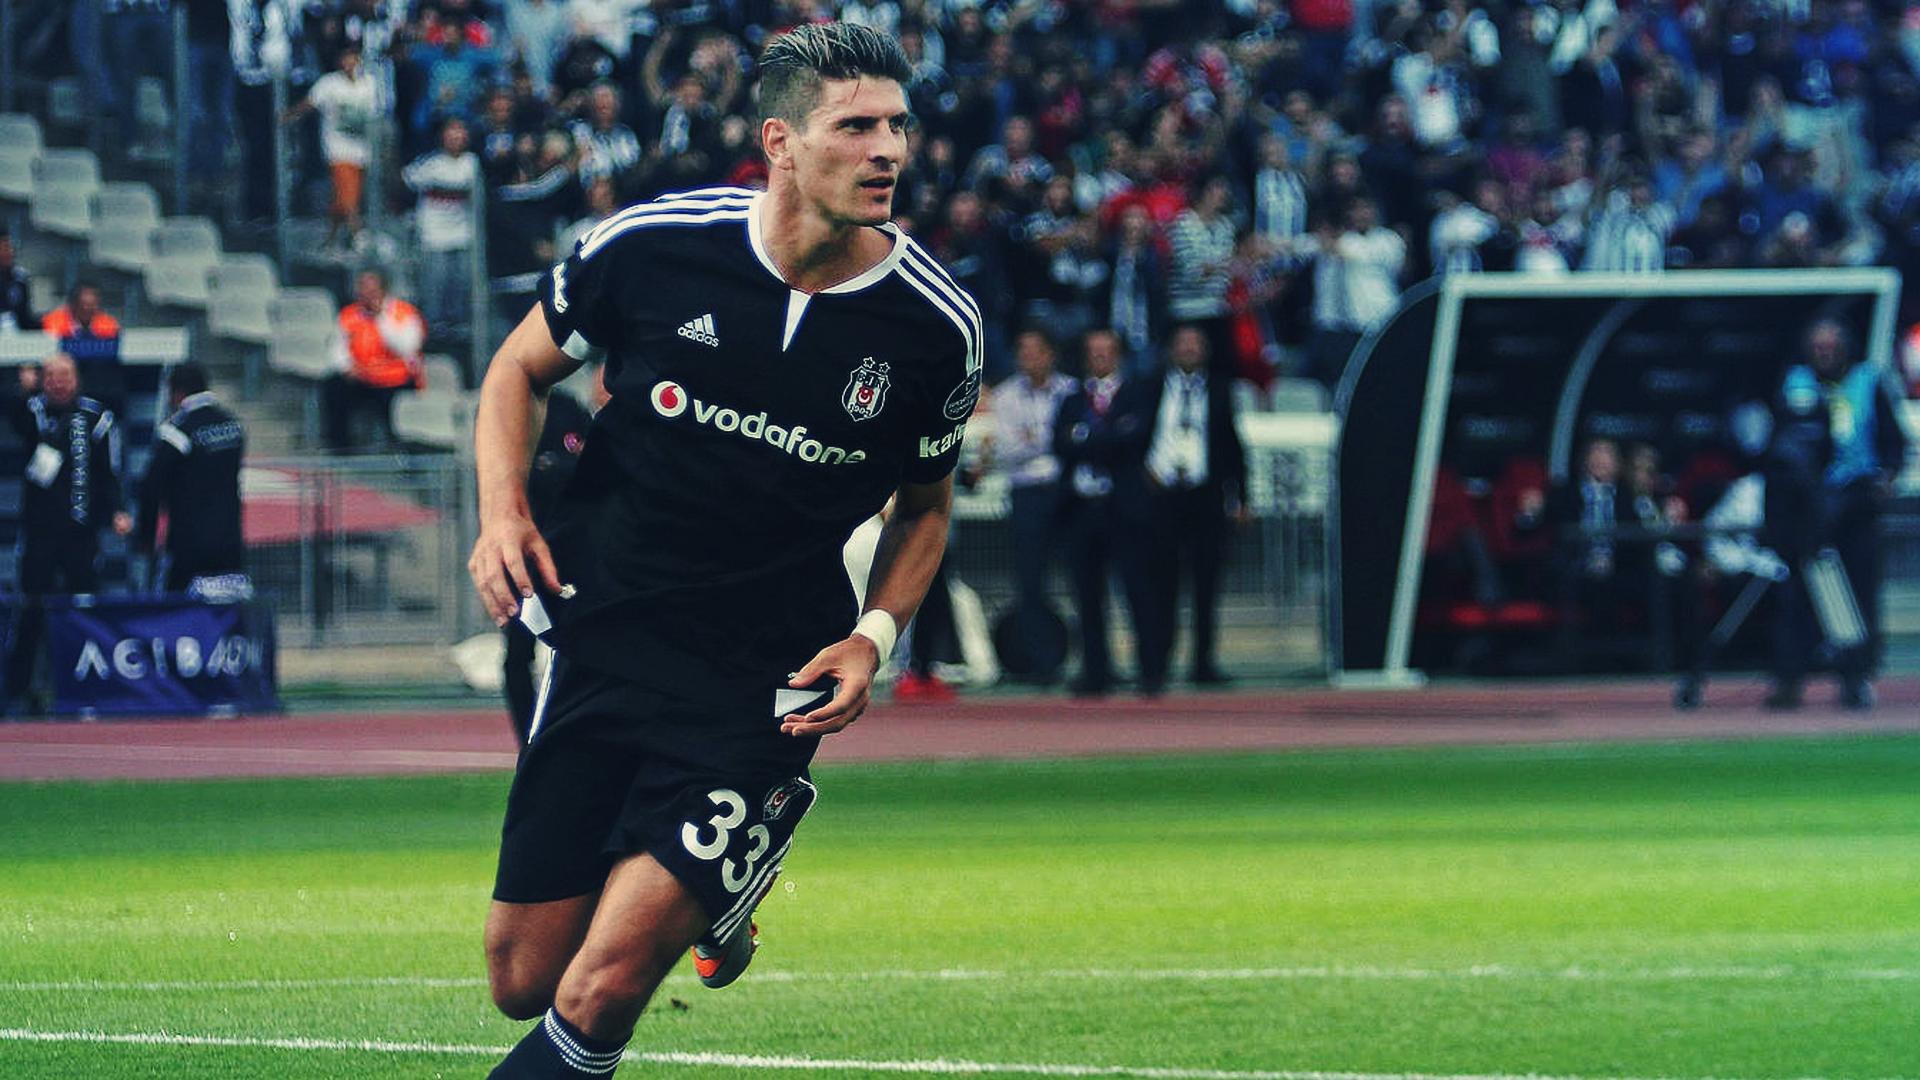 """Gomez: """"Al Besiktas l'obiettivo è vincere. A Firenze puoi solo sognare di essere campione. Mi mancava questo""""."""